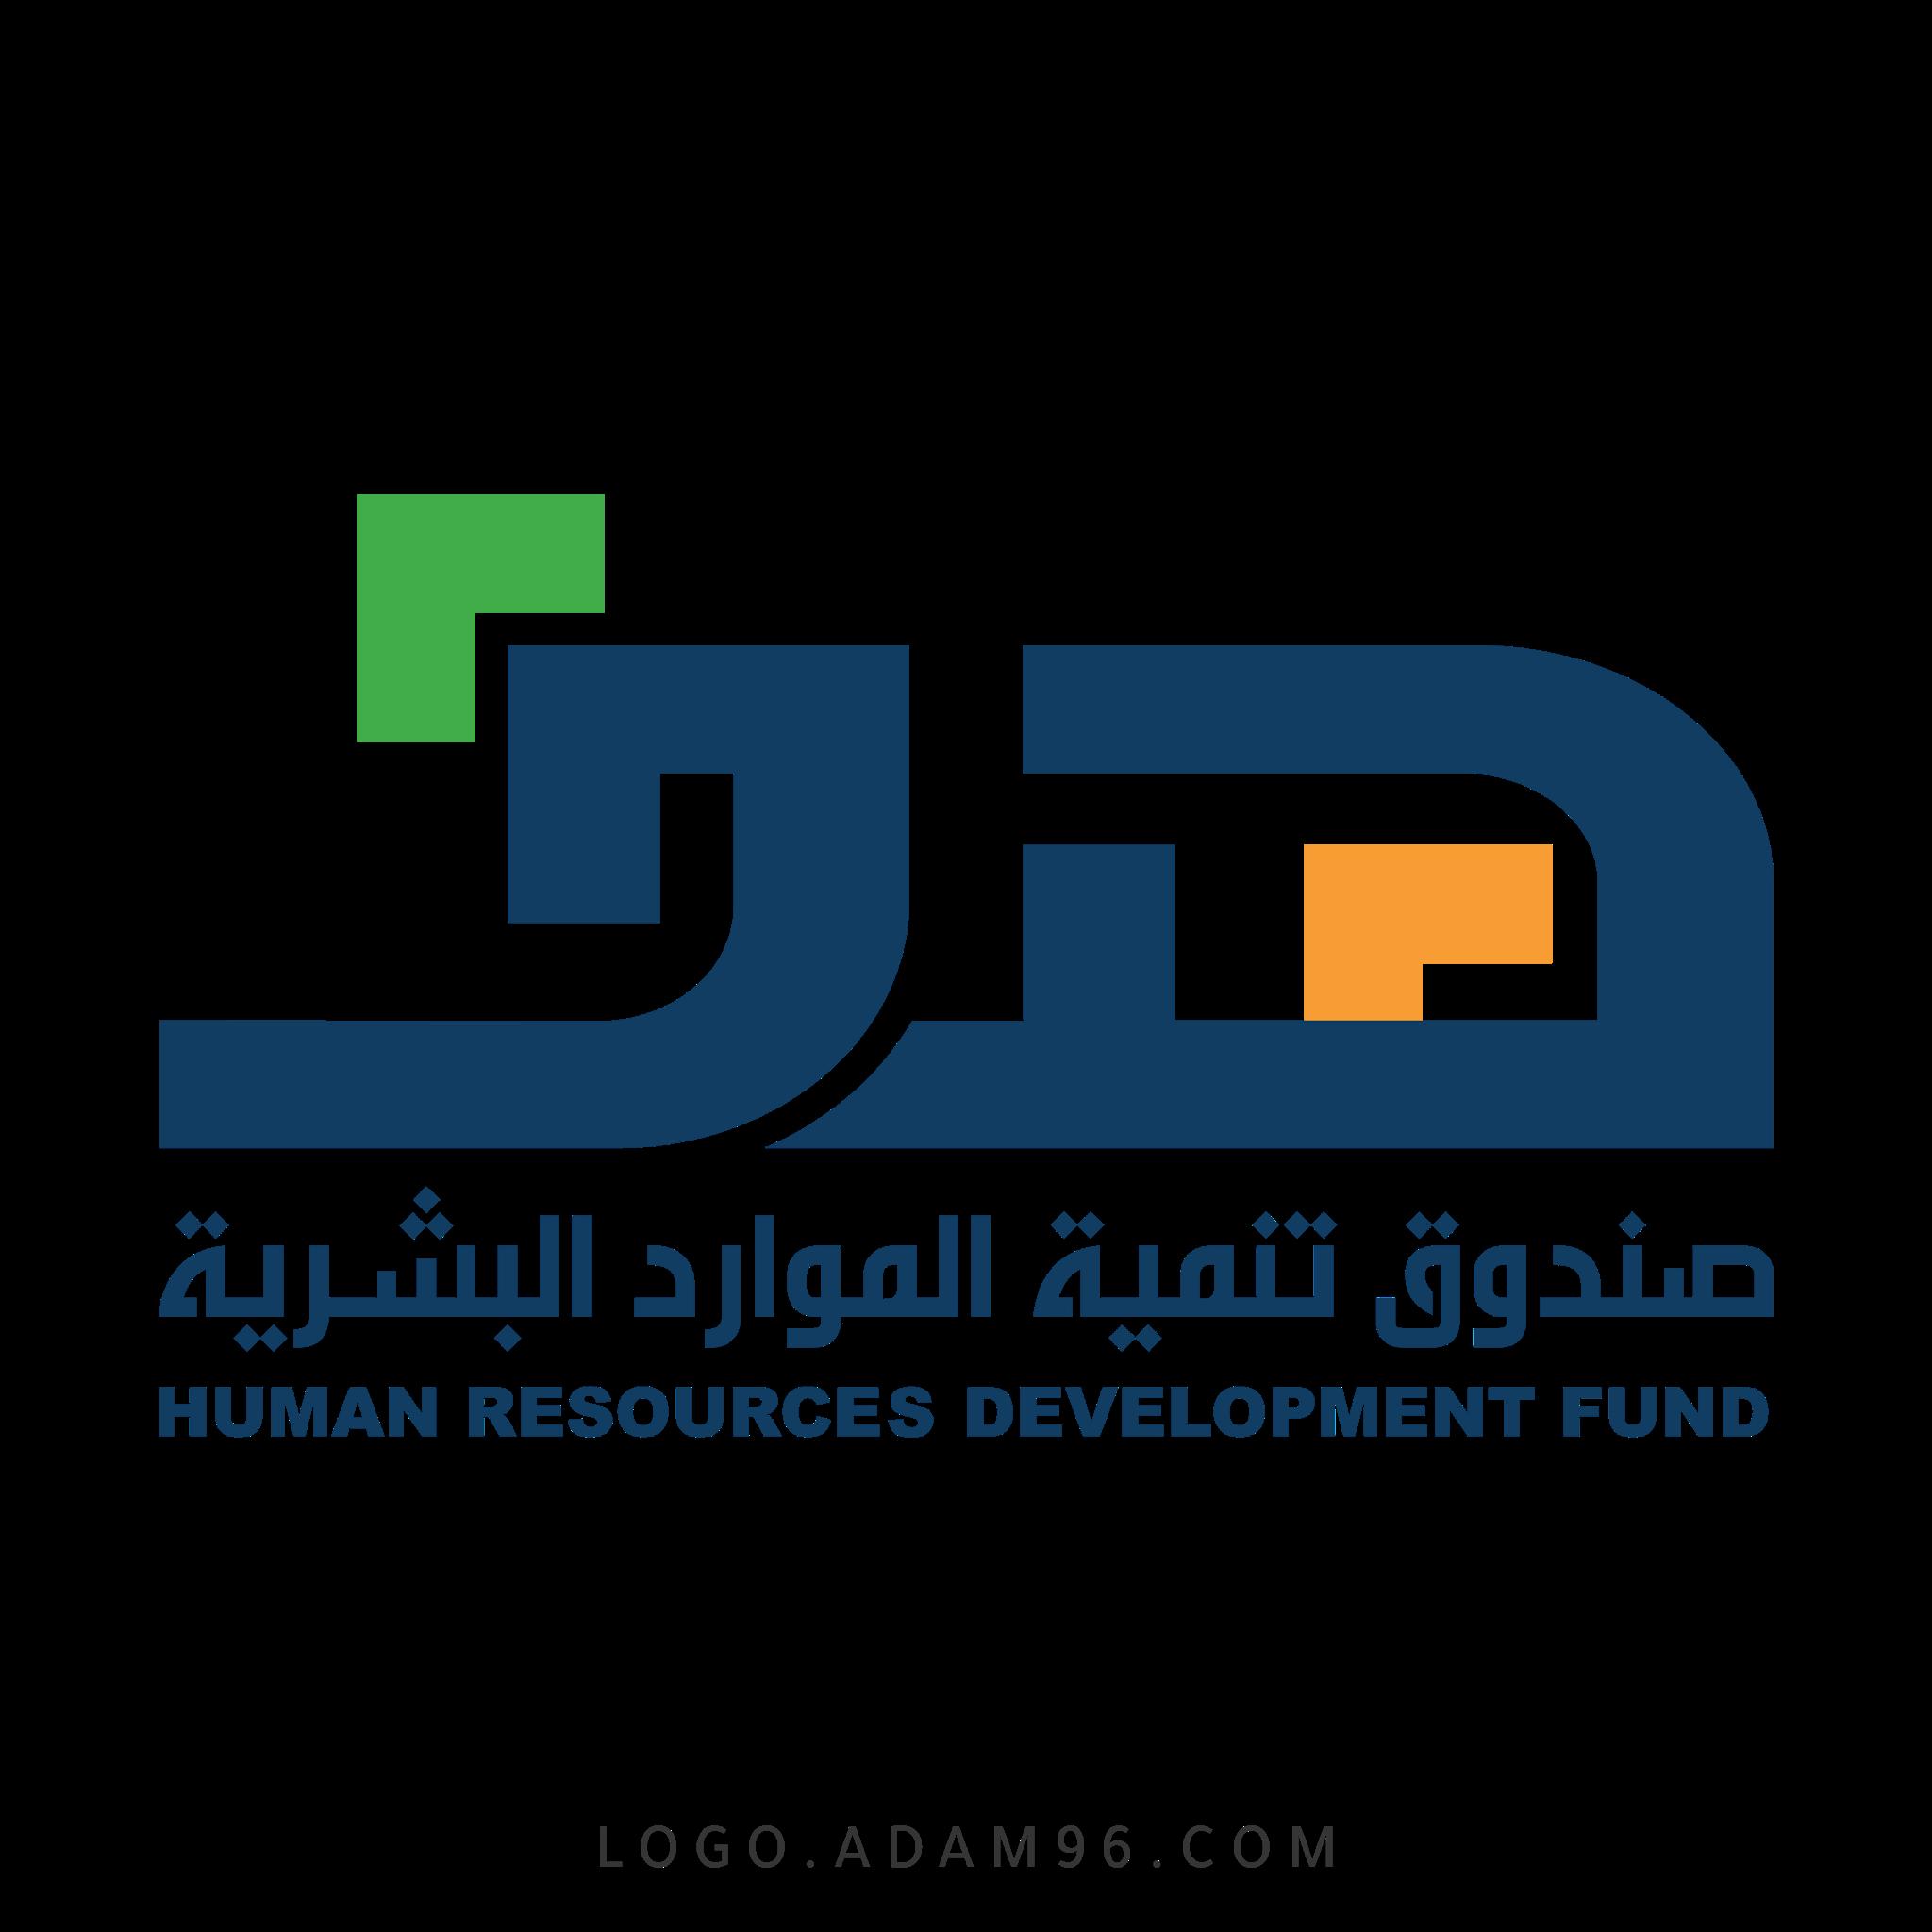 تحميل شعار صندوق تنمية الموارد البشرية السعودية لوجو رسمي بدقة عالية PNG